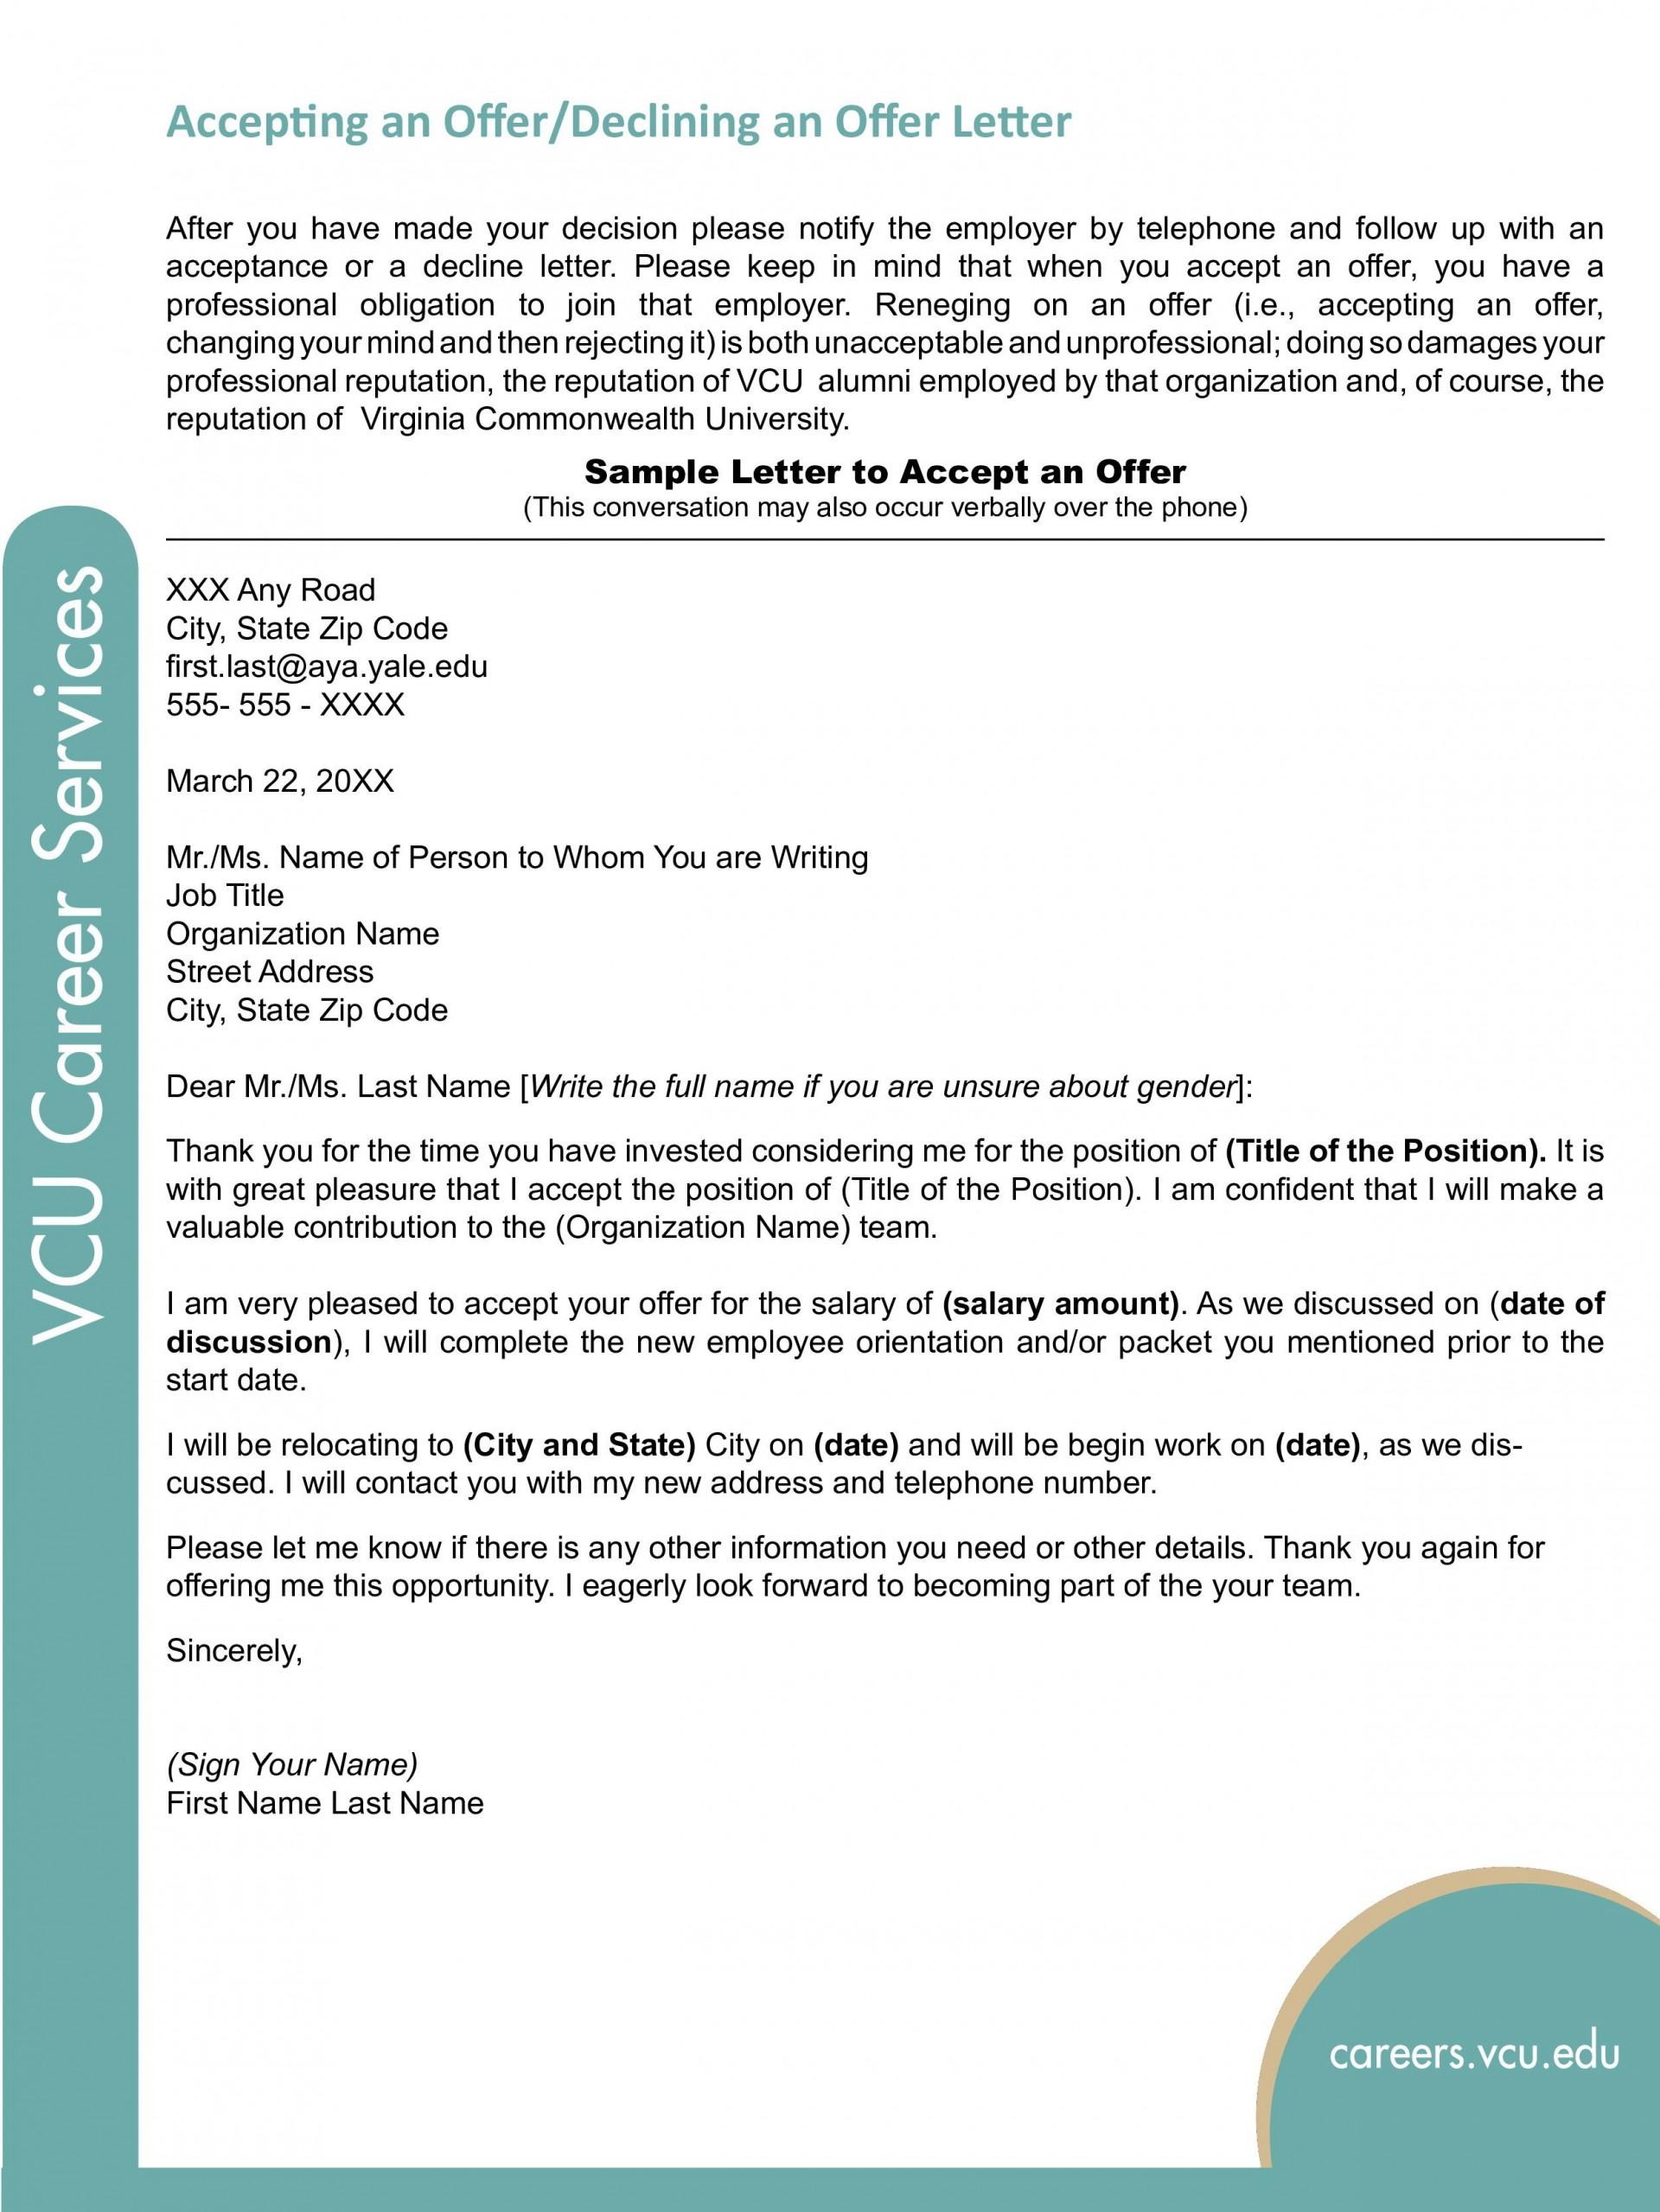 001 Astounding Counter Offer Letter Template Example  Real Estate Settlement Debt1920